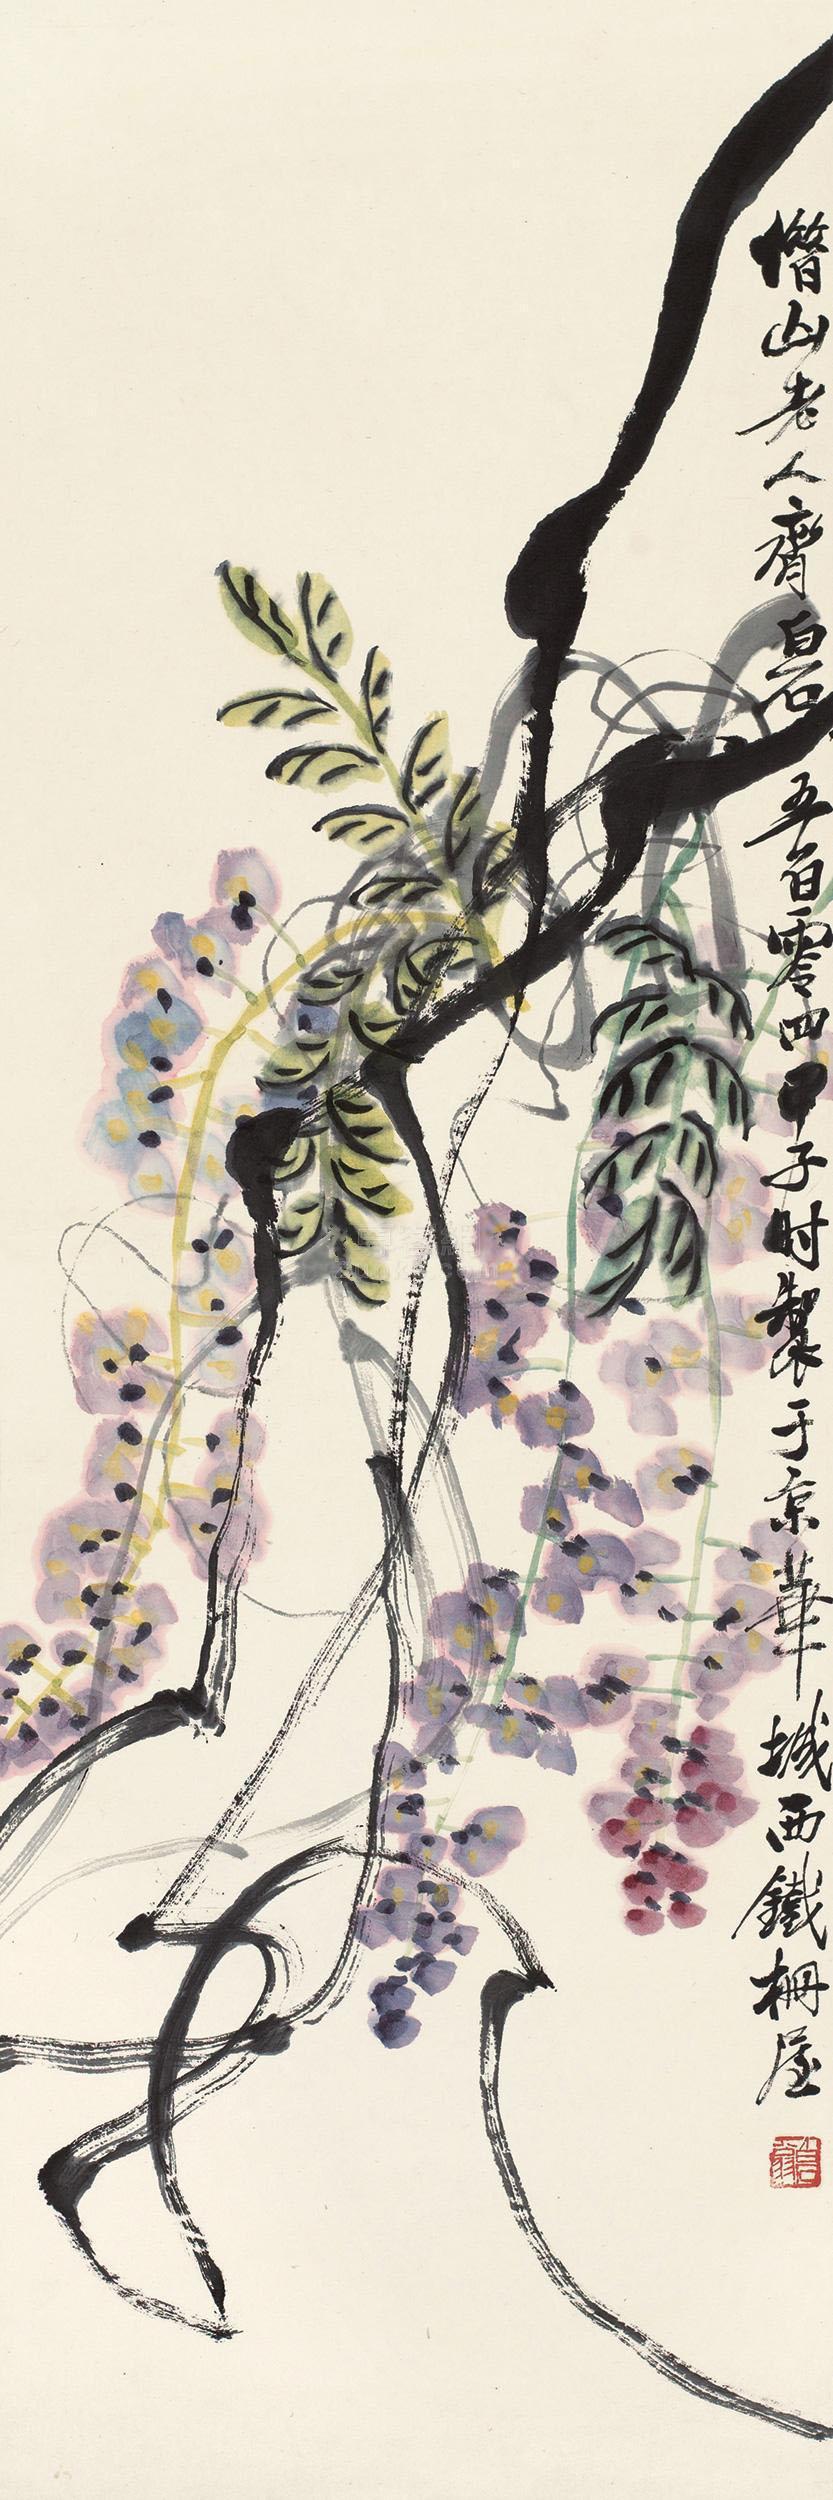 齐白石 紫藤 立轴 设色纸本作品欣赏